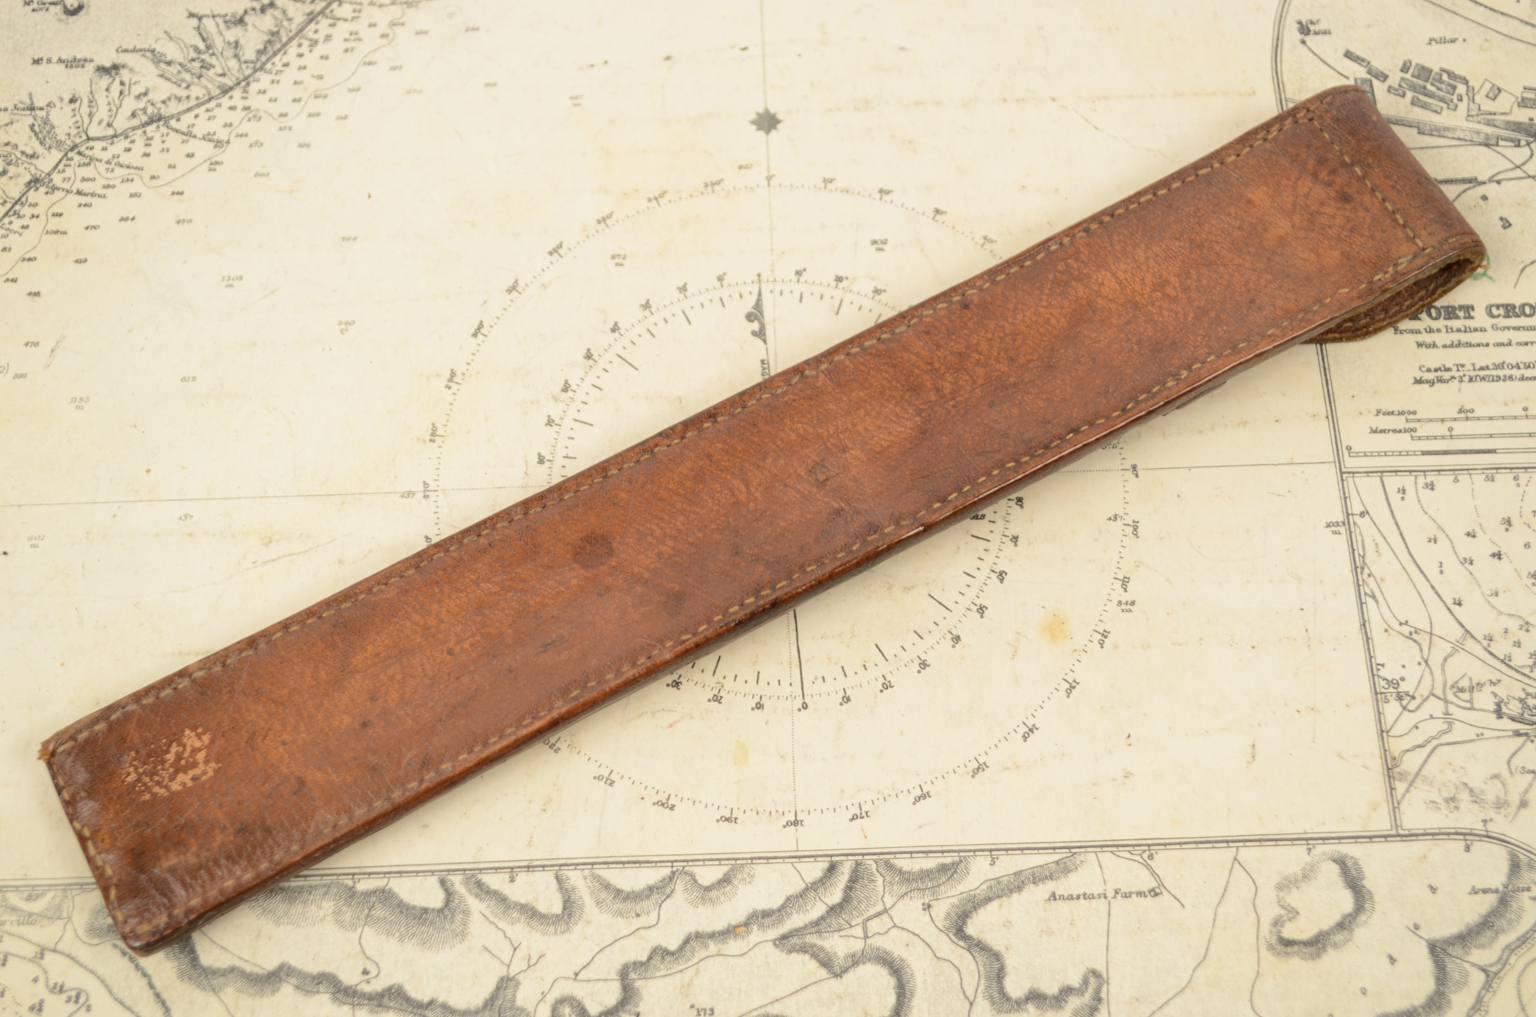 古测量工具/5080-Dring and Fage 仪器